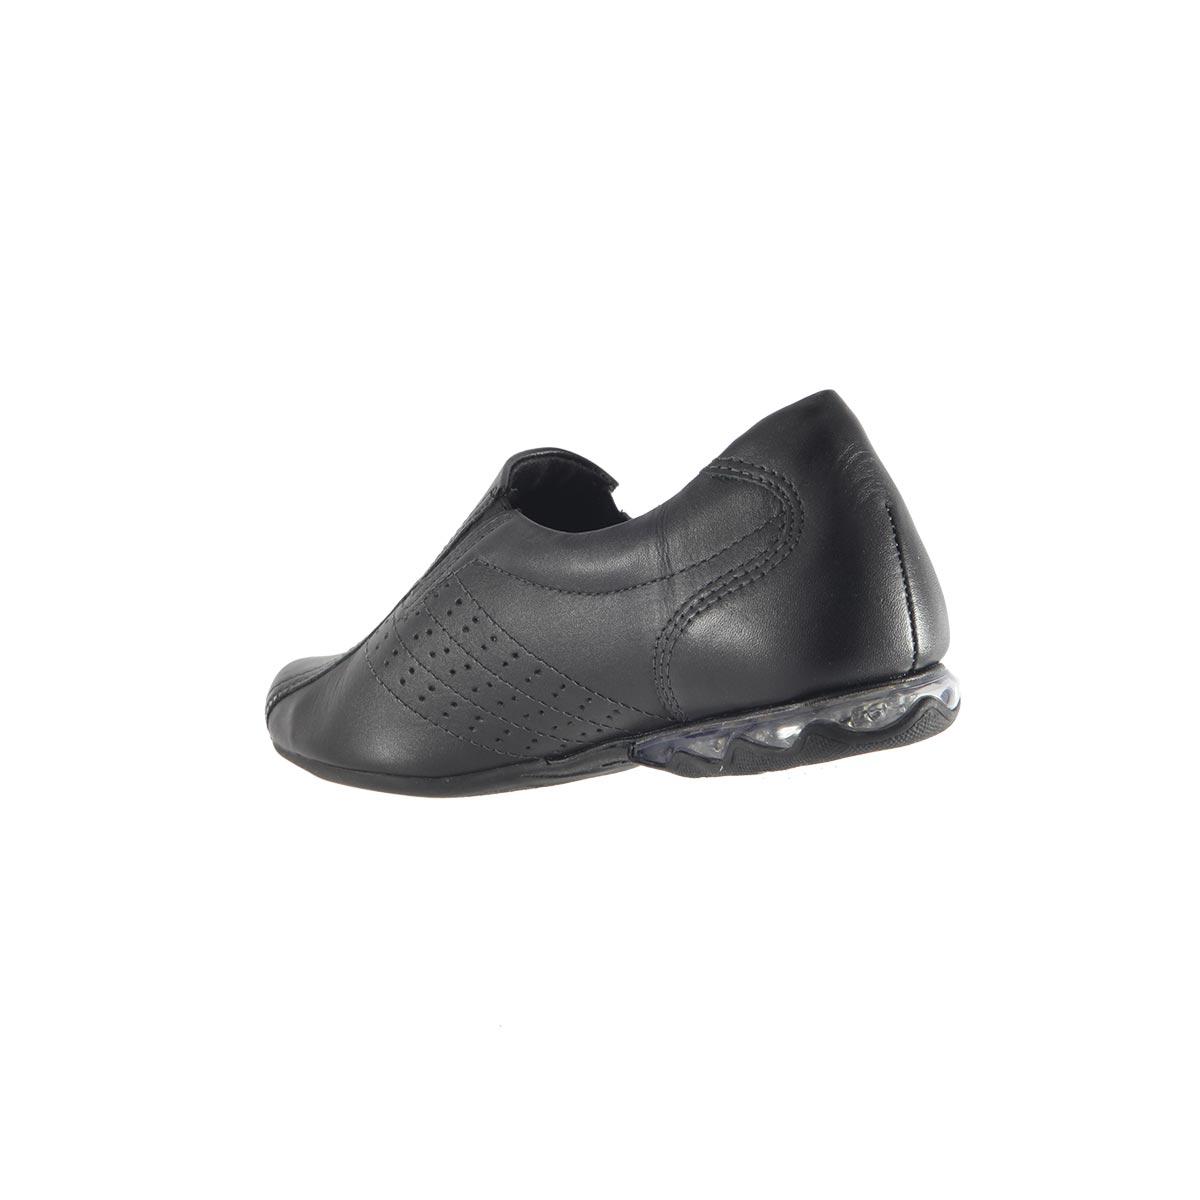 Sapato Sapatênis Campesí em Couro Legítimo L4731  - Ian Calçados